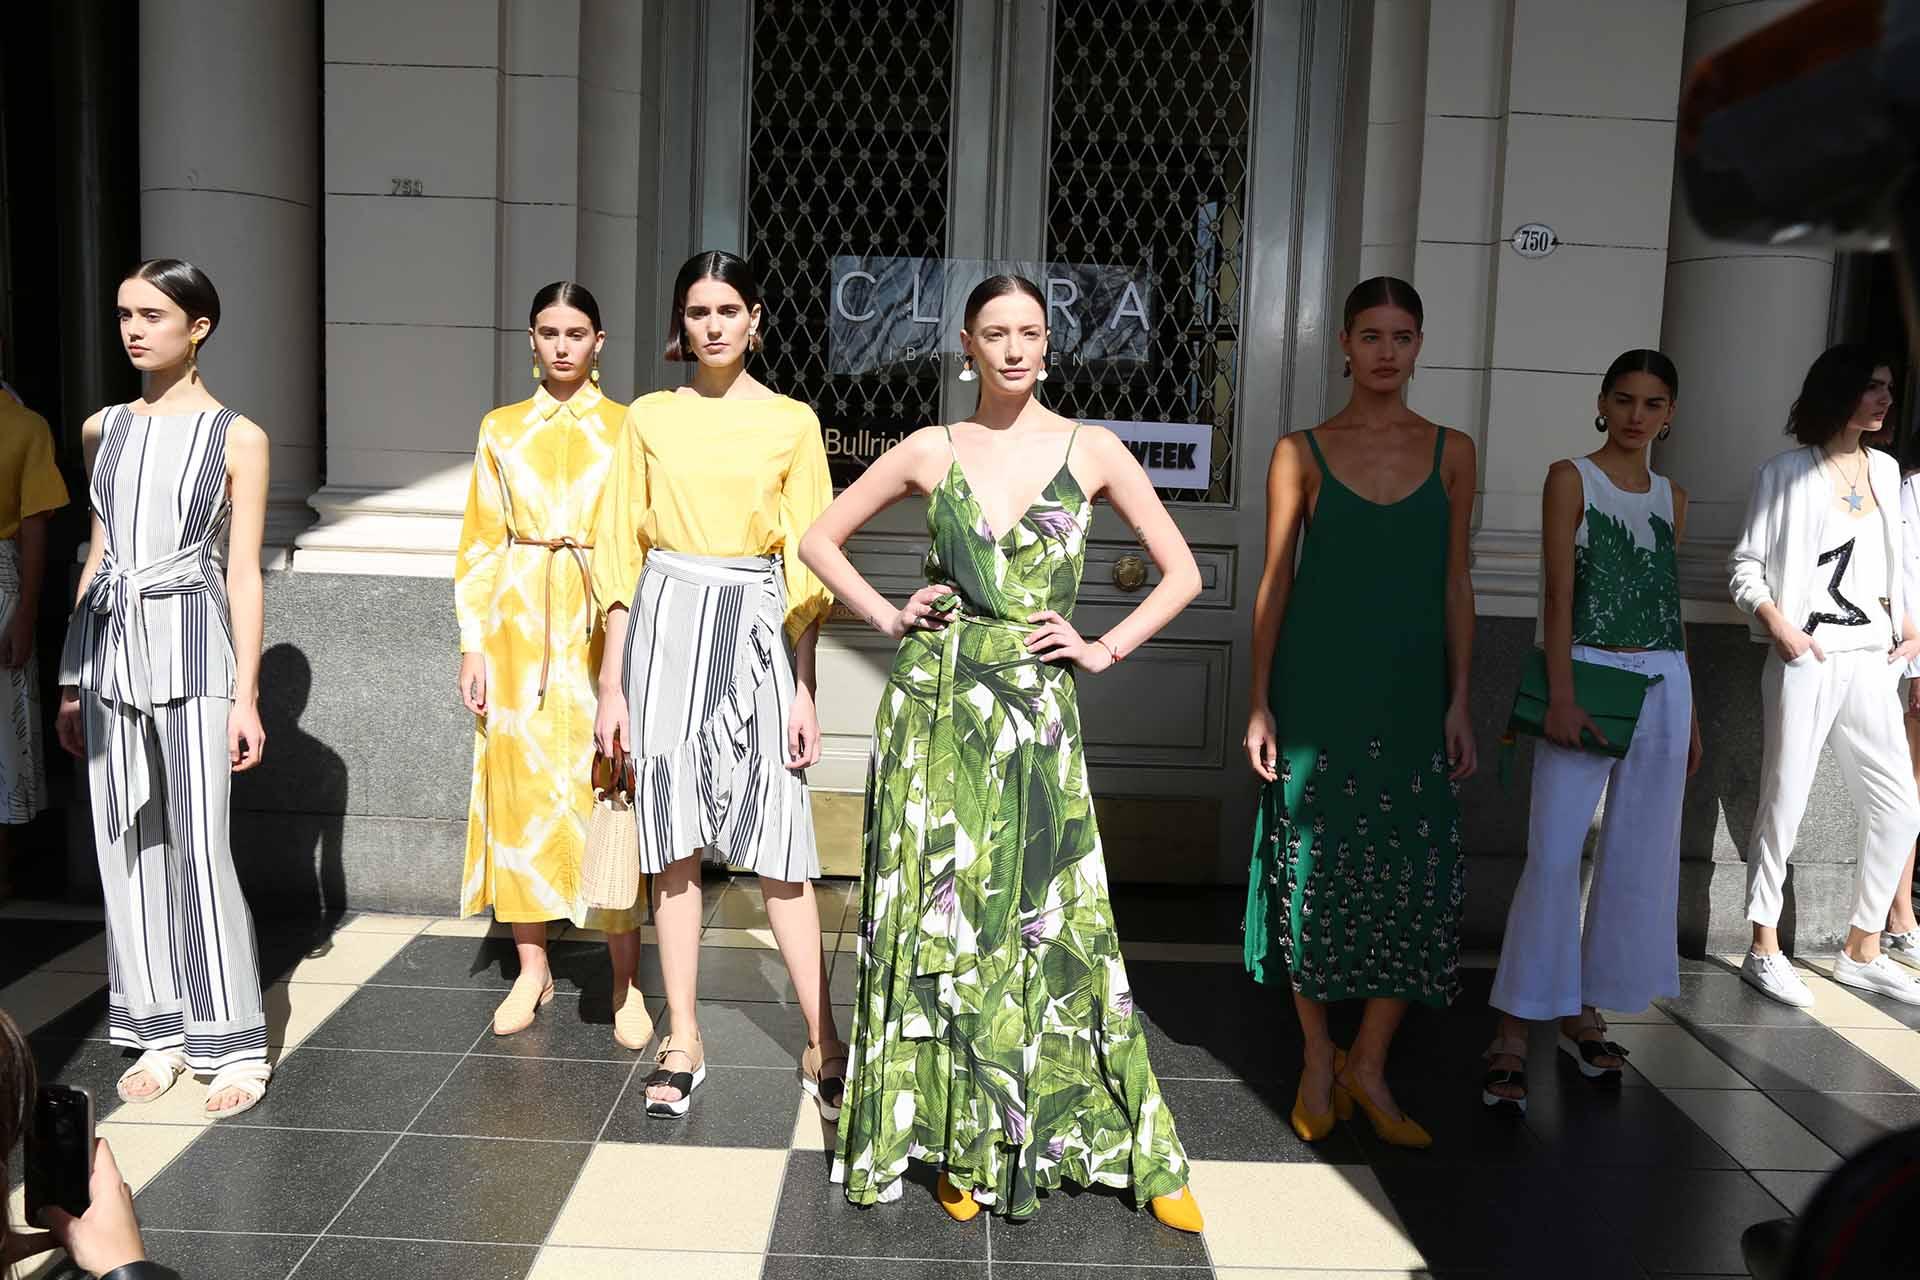 Este año la propuesta de la marca es combinar el clásico look militar, de géneros estructurados, con prendas súper femeninas, lánguidas, con volados, nudos y grandes mangas